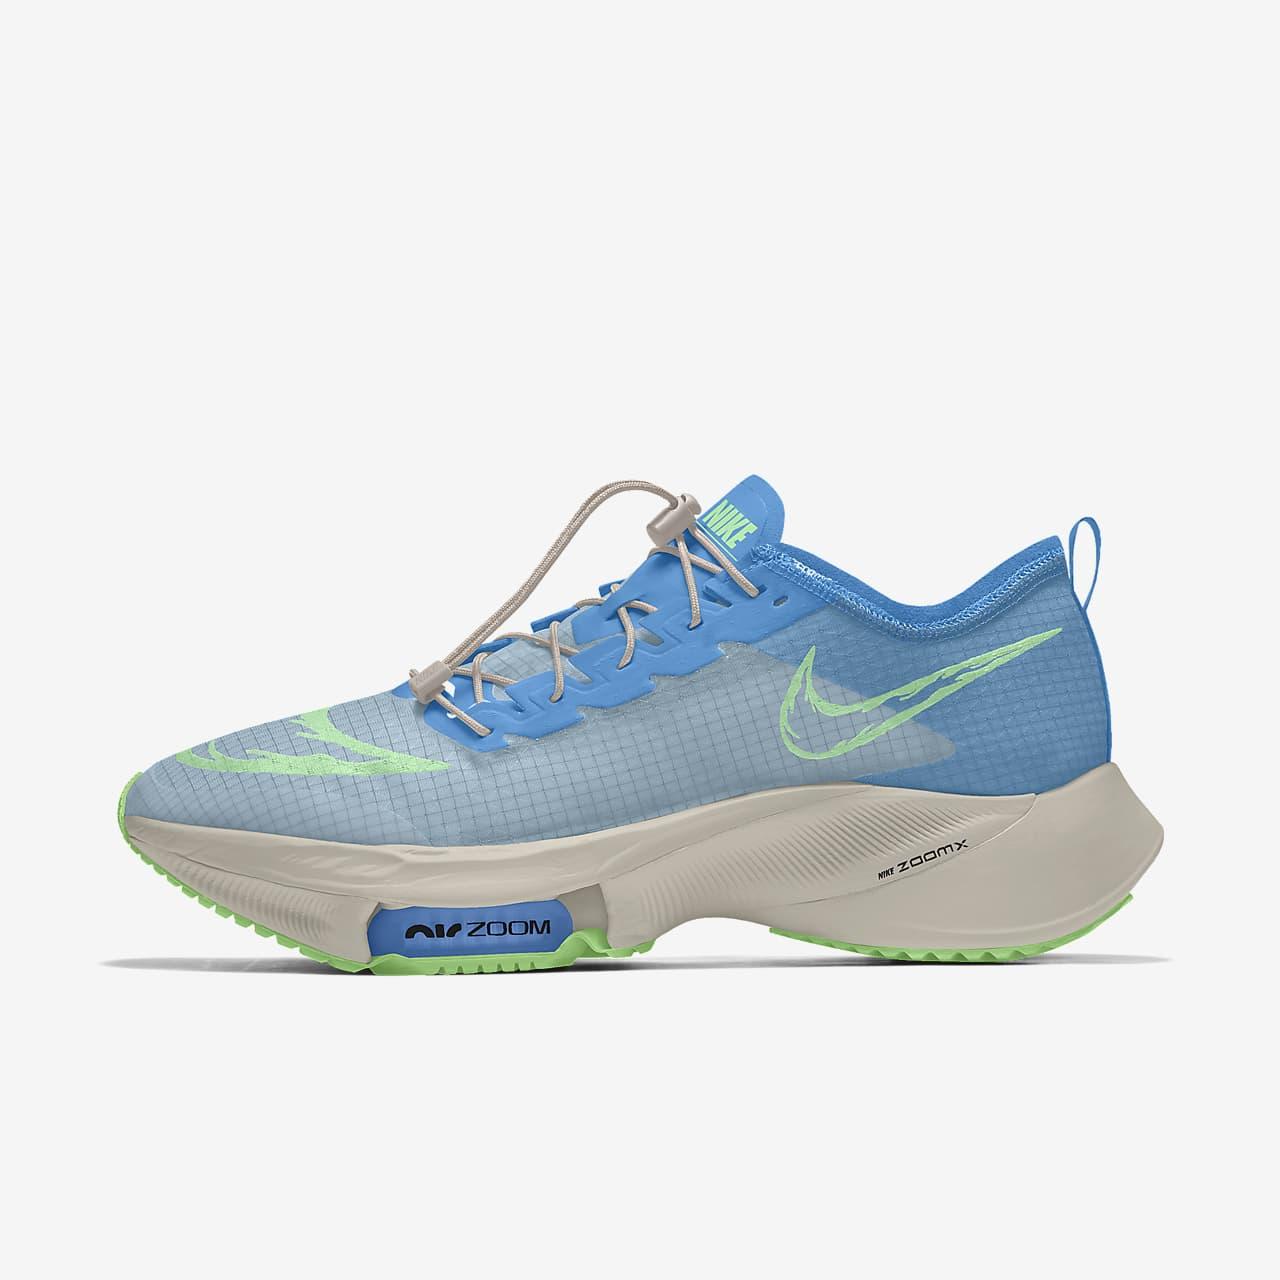 Nike Air Zoom Tempo NEXT% By You Custom hardloopschoen voor heren